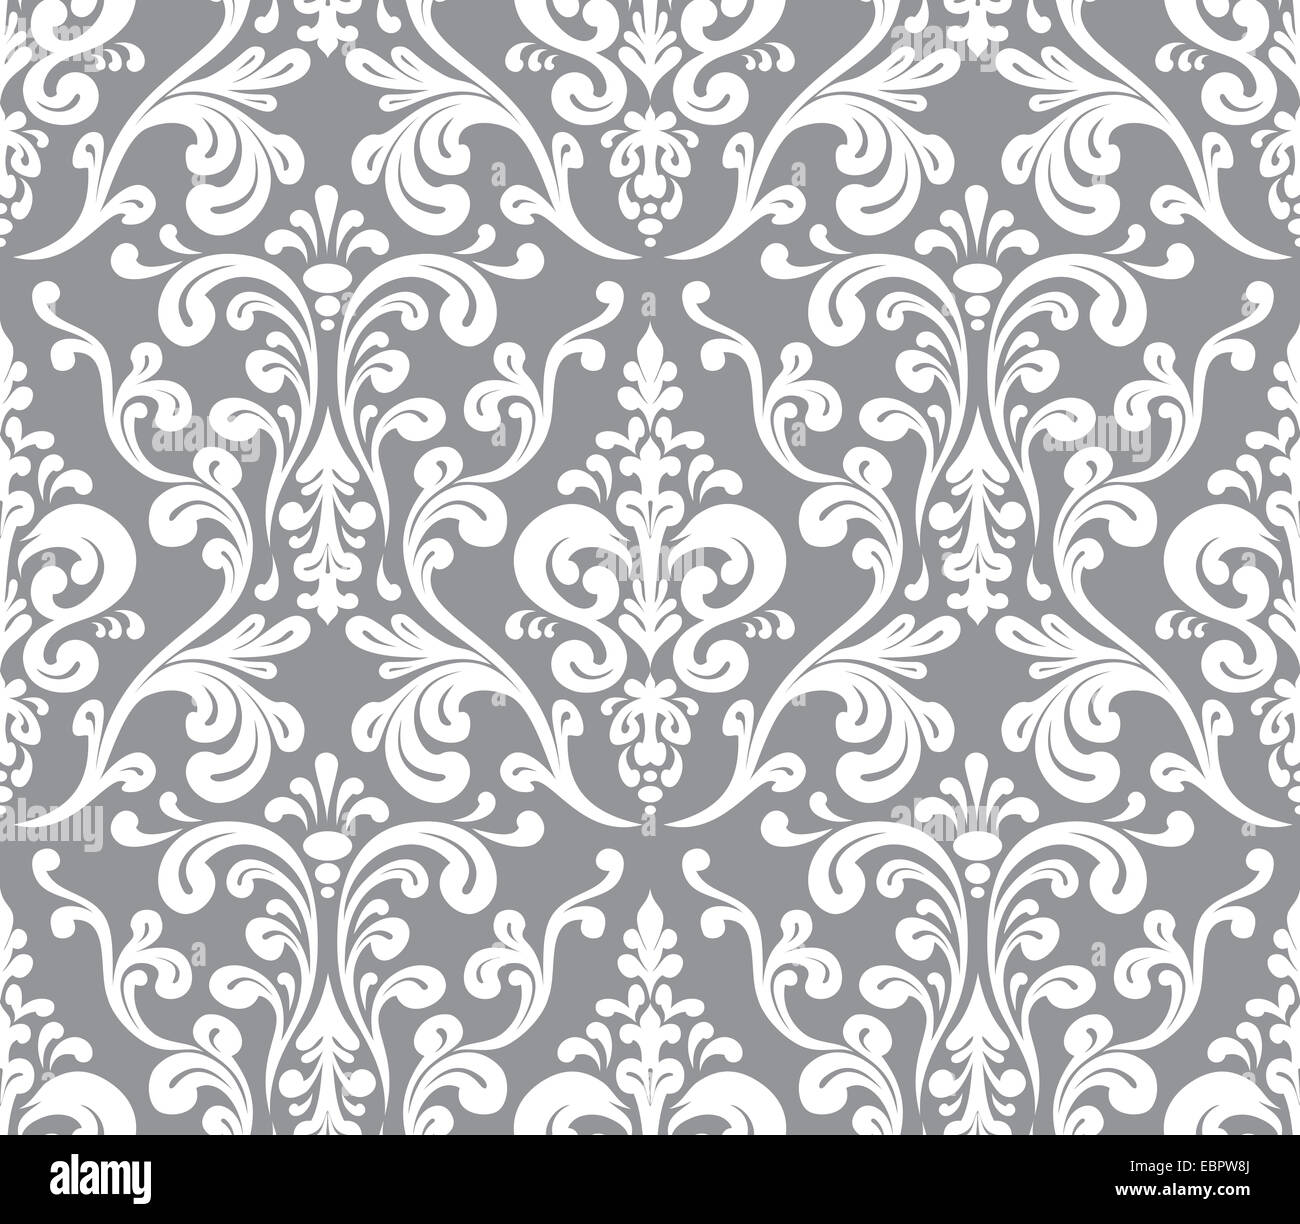 Simple Damask Patterns Free